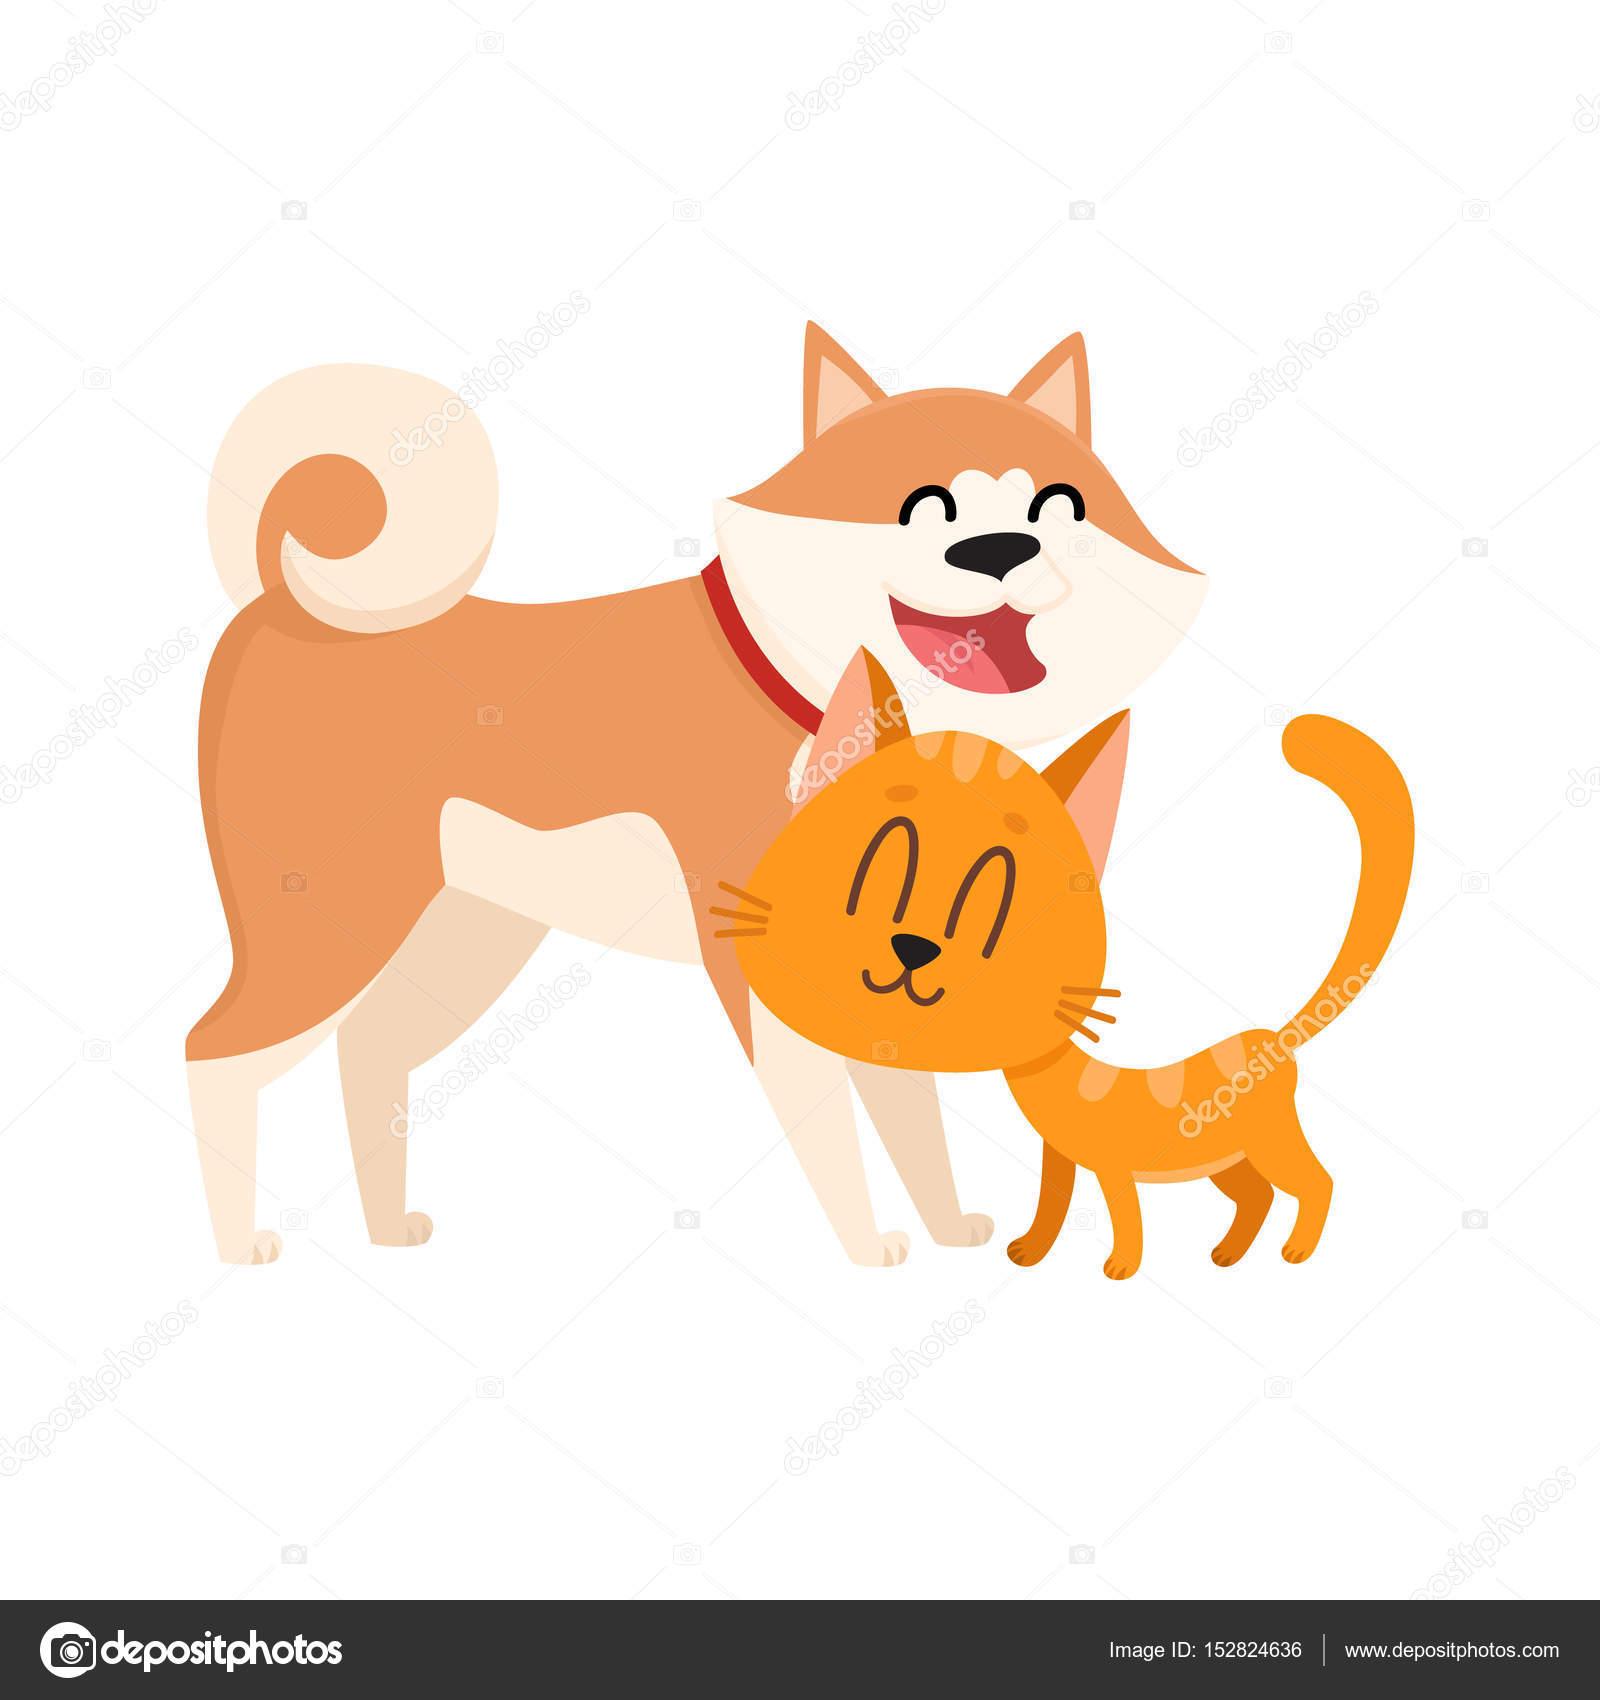 Dibujos Amor Y Amistad Akita Inu Perro Y Rojo El Gato Gatito